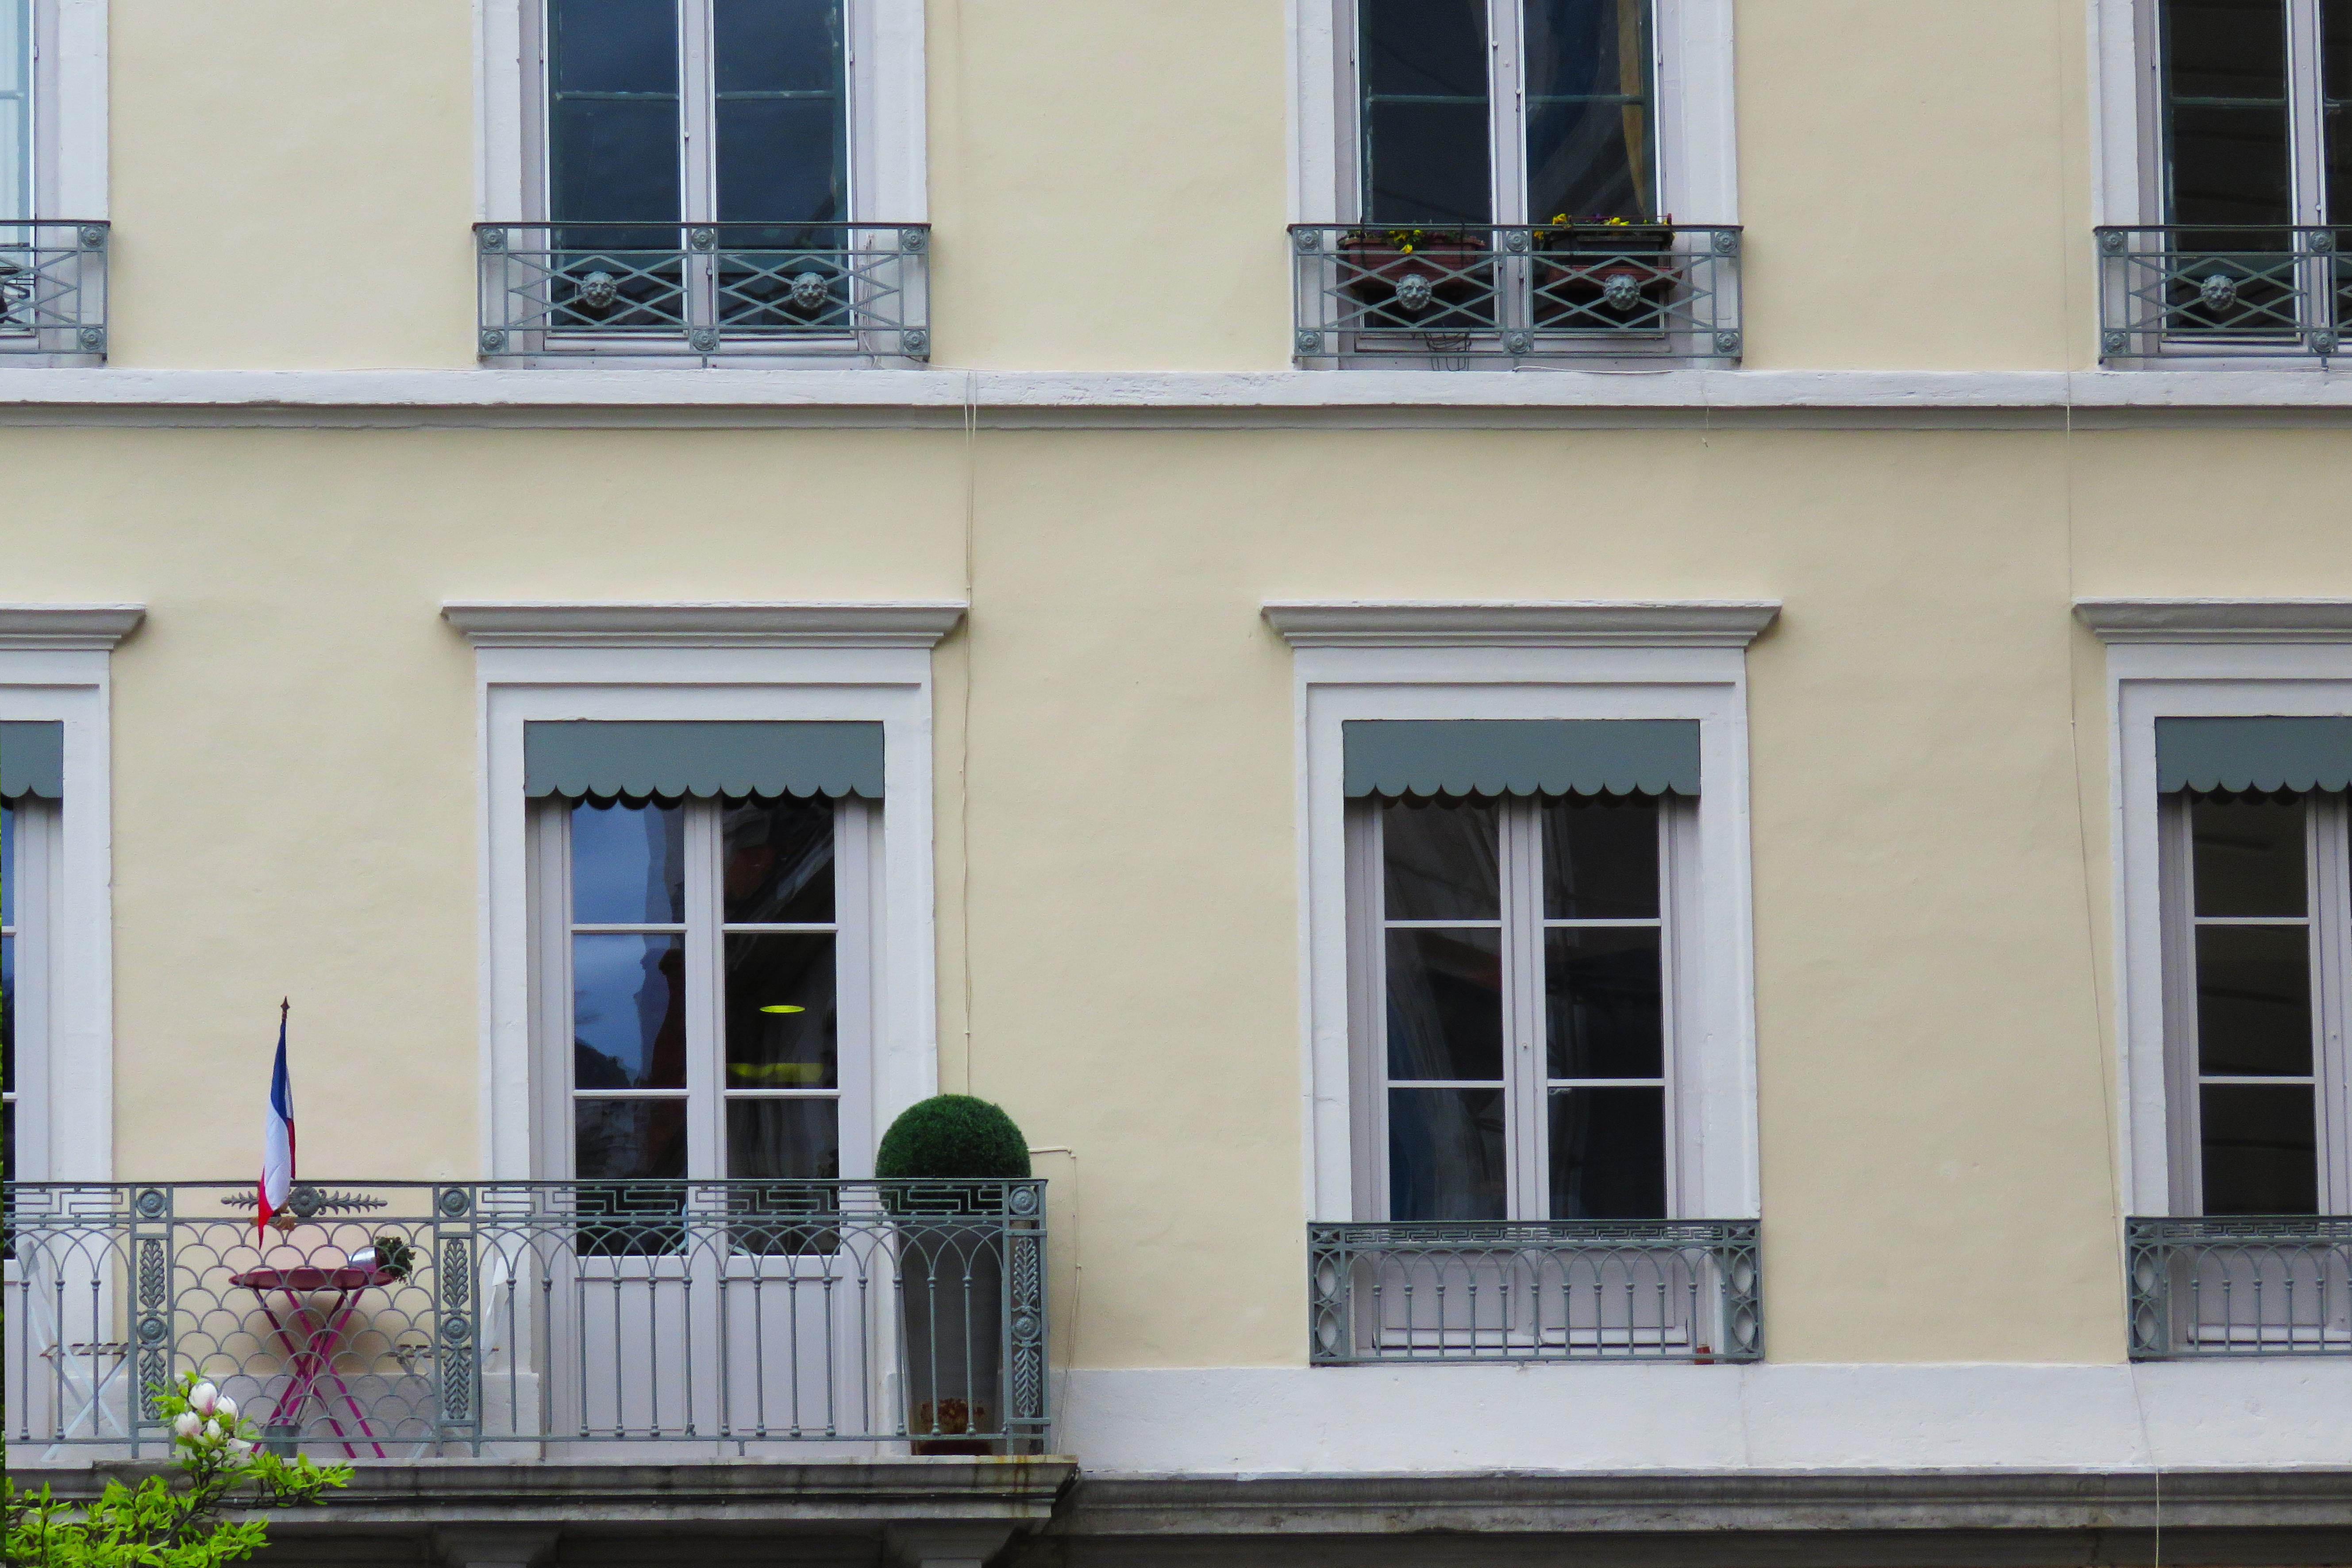 6 Place des Celestins